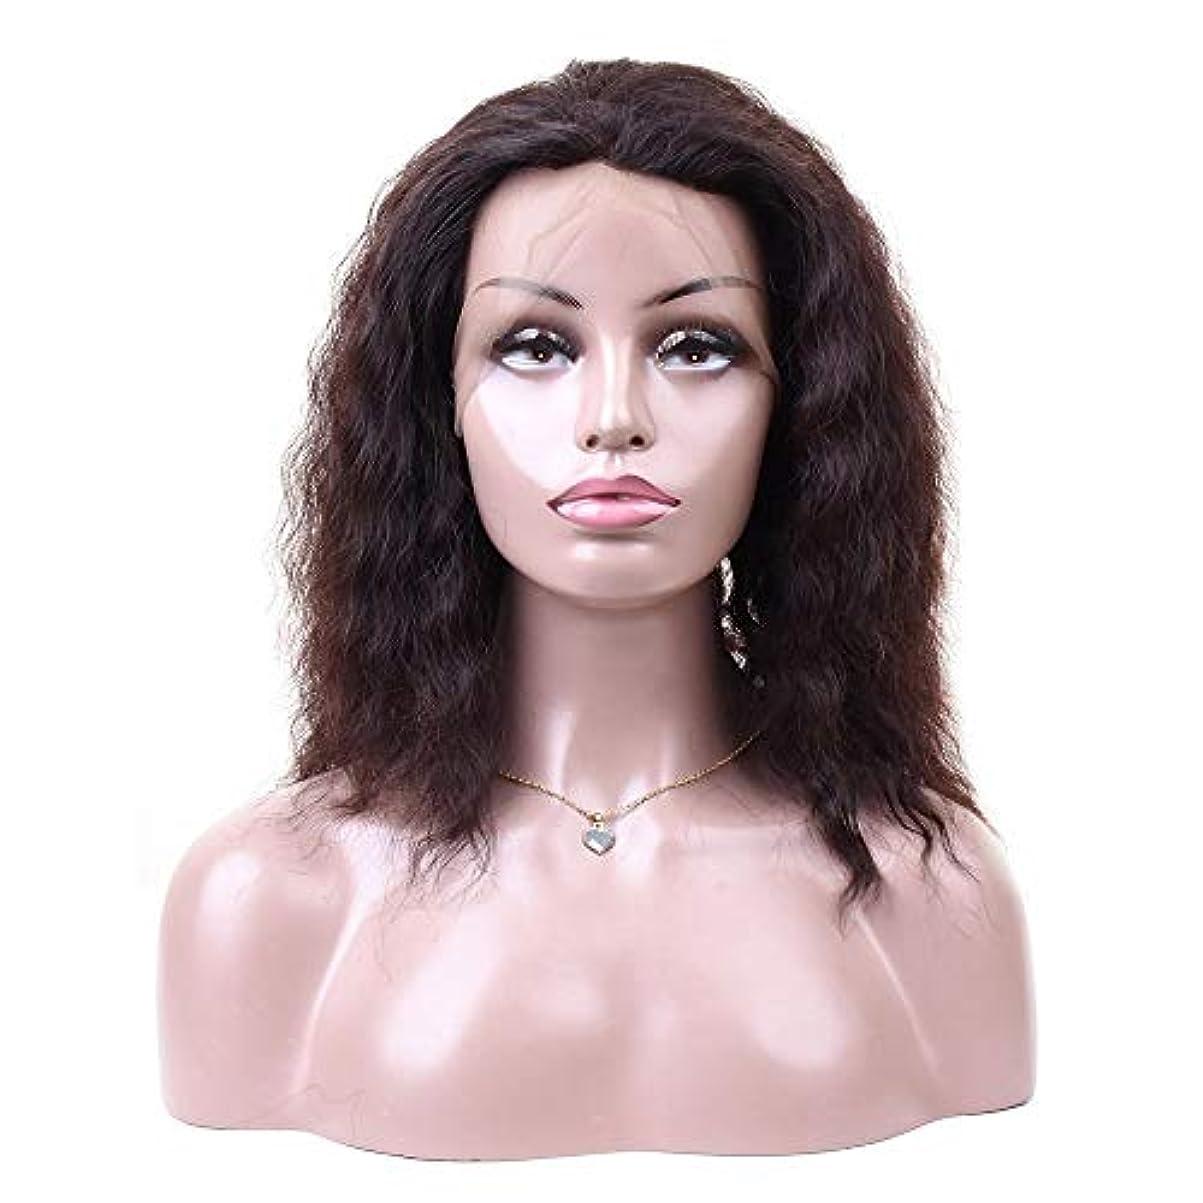 承認する約設定郵便局Mayalina 360レース前頭閉鎖ディープウェーブレース前頭人間の髪の毛のかつら自然な女性の合成かつらレースのかつらロールプレイングかつら (色 : 黒, サイズ : 16 inch)